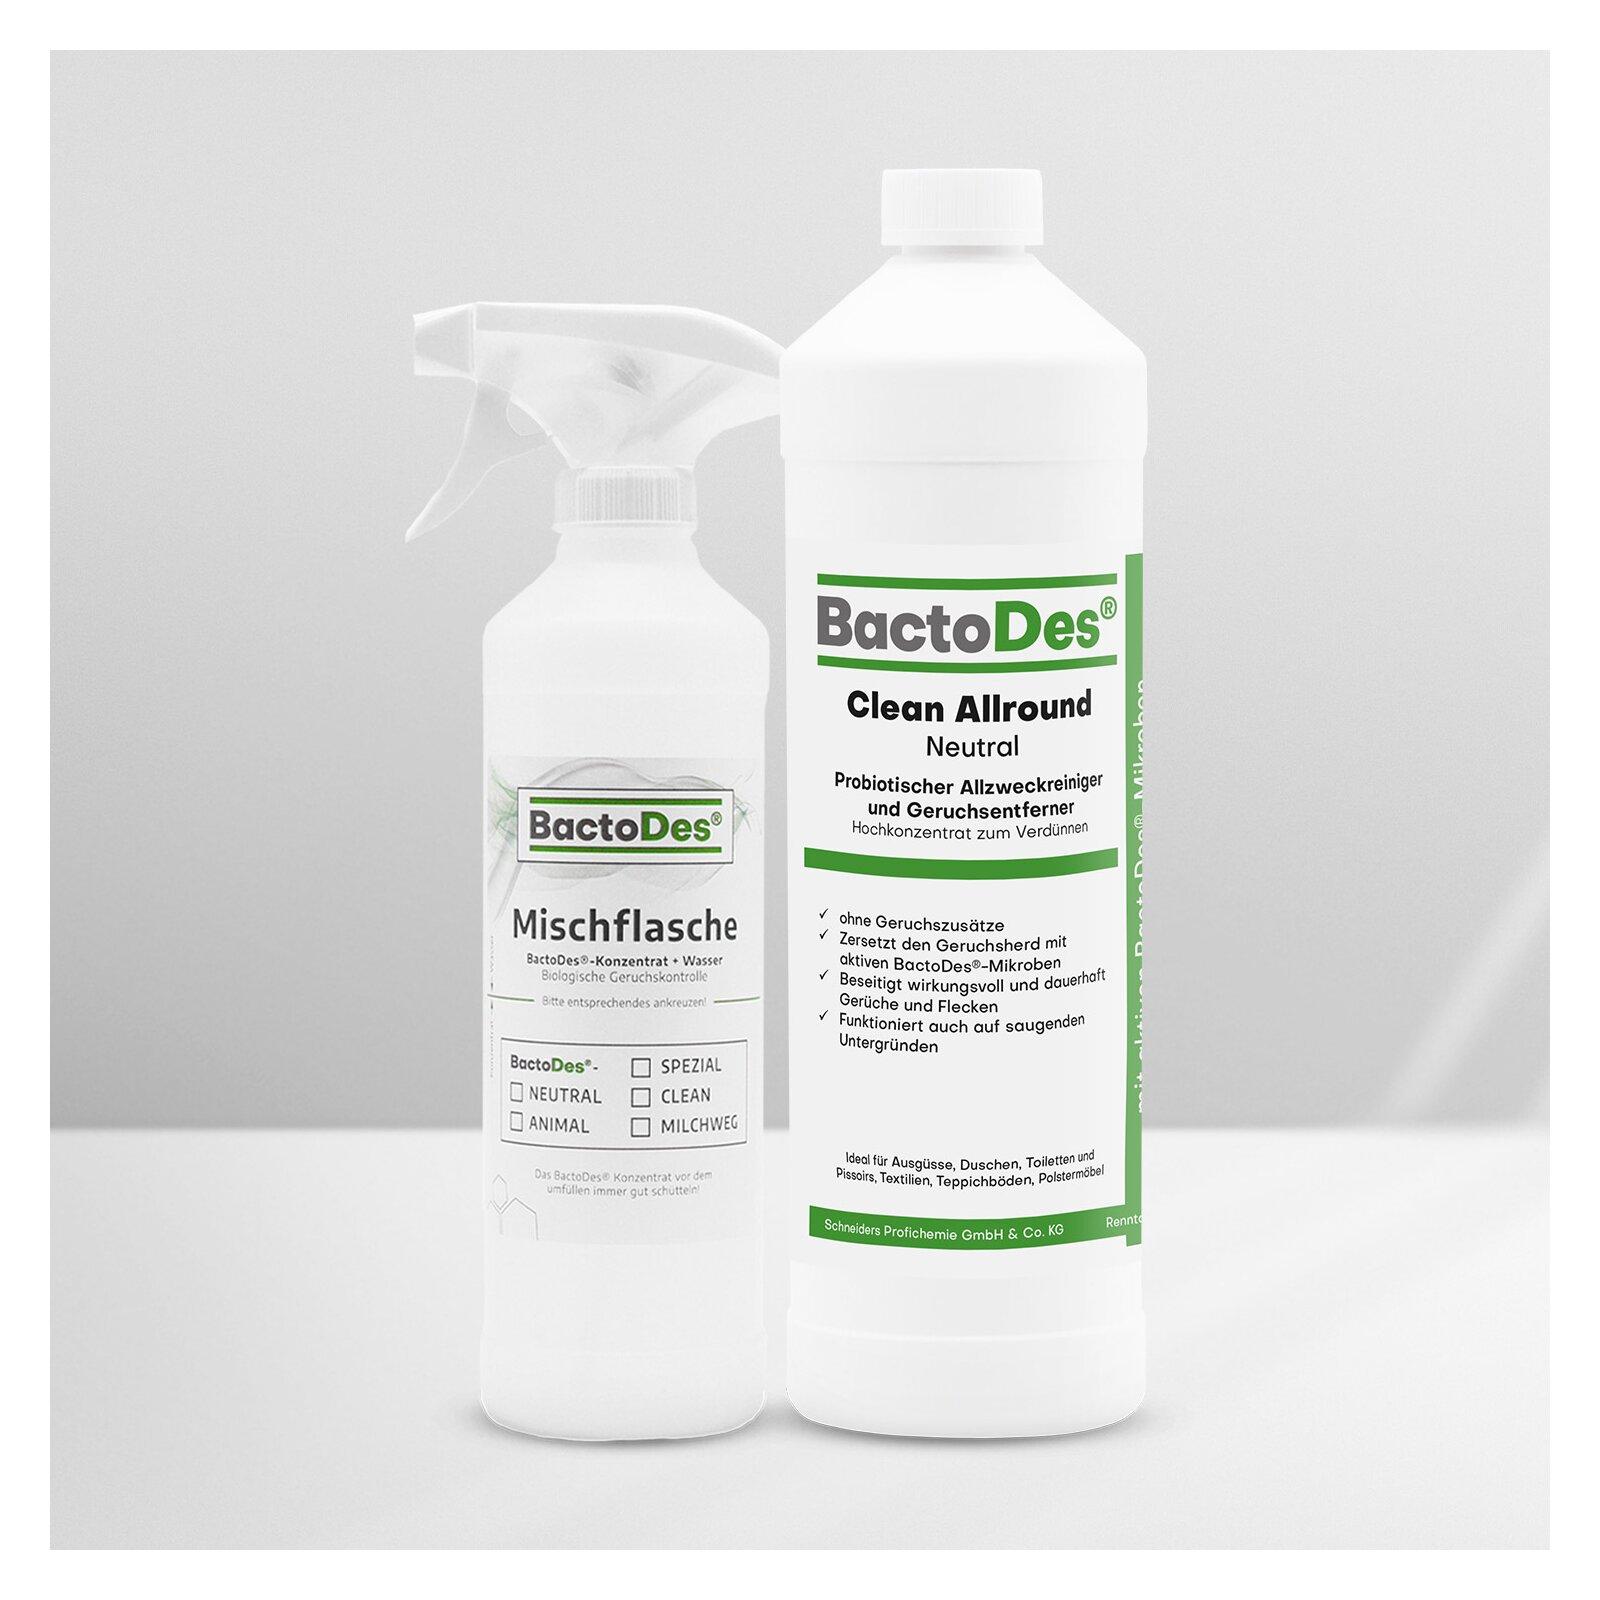 BactoDes(R)Clean Neutral  Geruchlos  ohne Geruchszusätze 1Liter Flasche incl 1 Misch und Sprühflasche